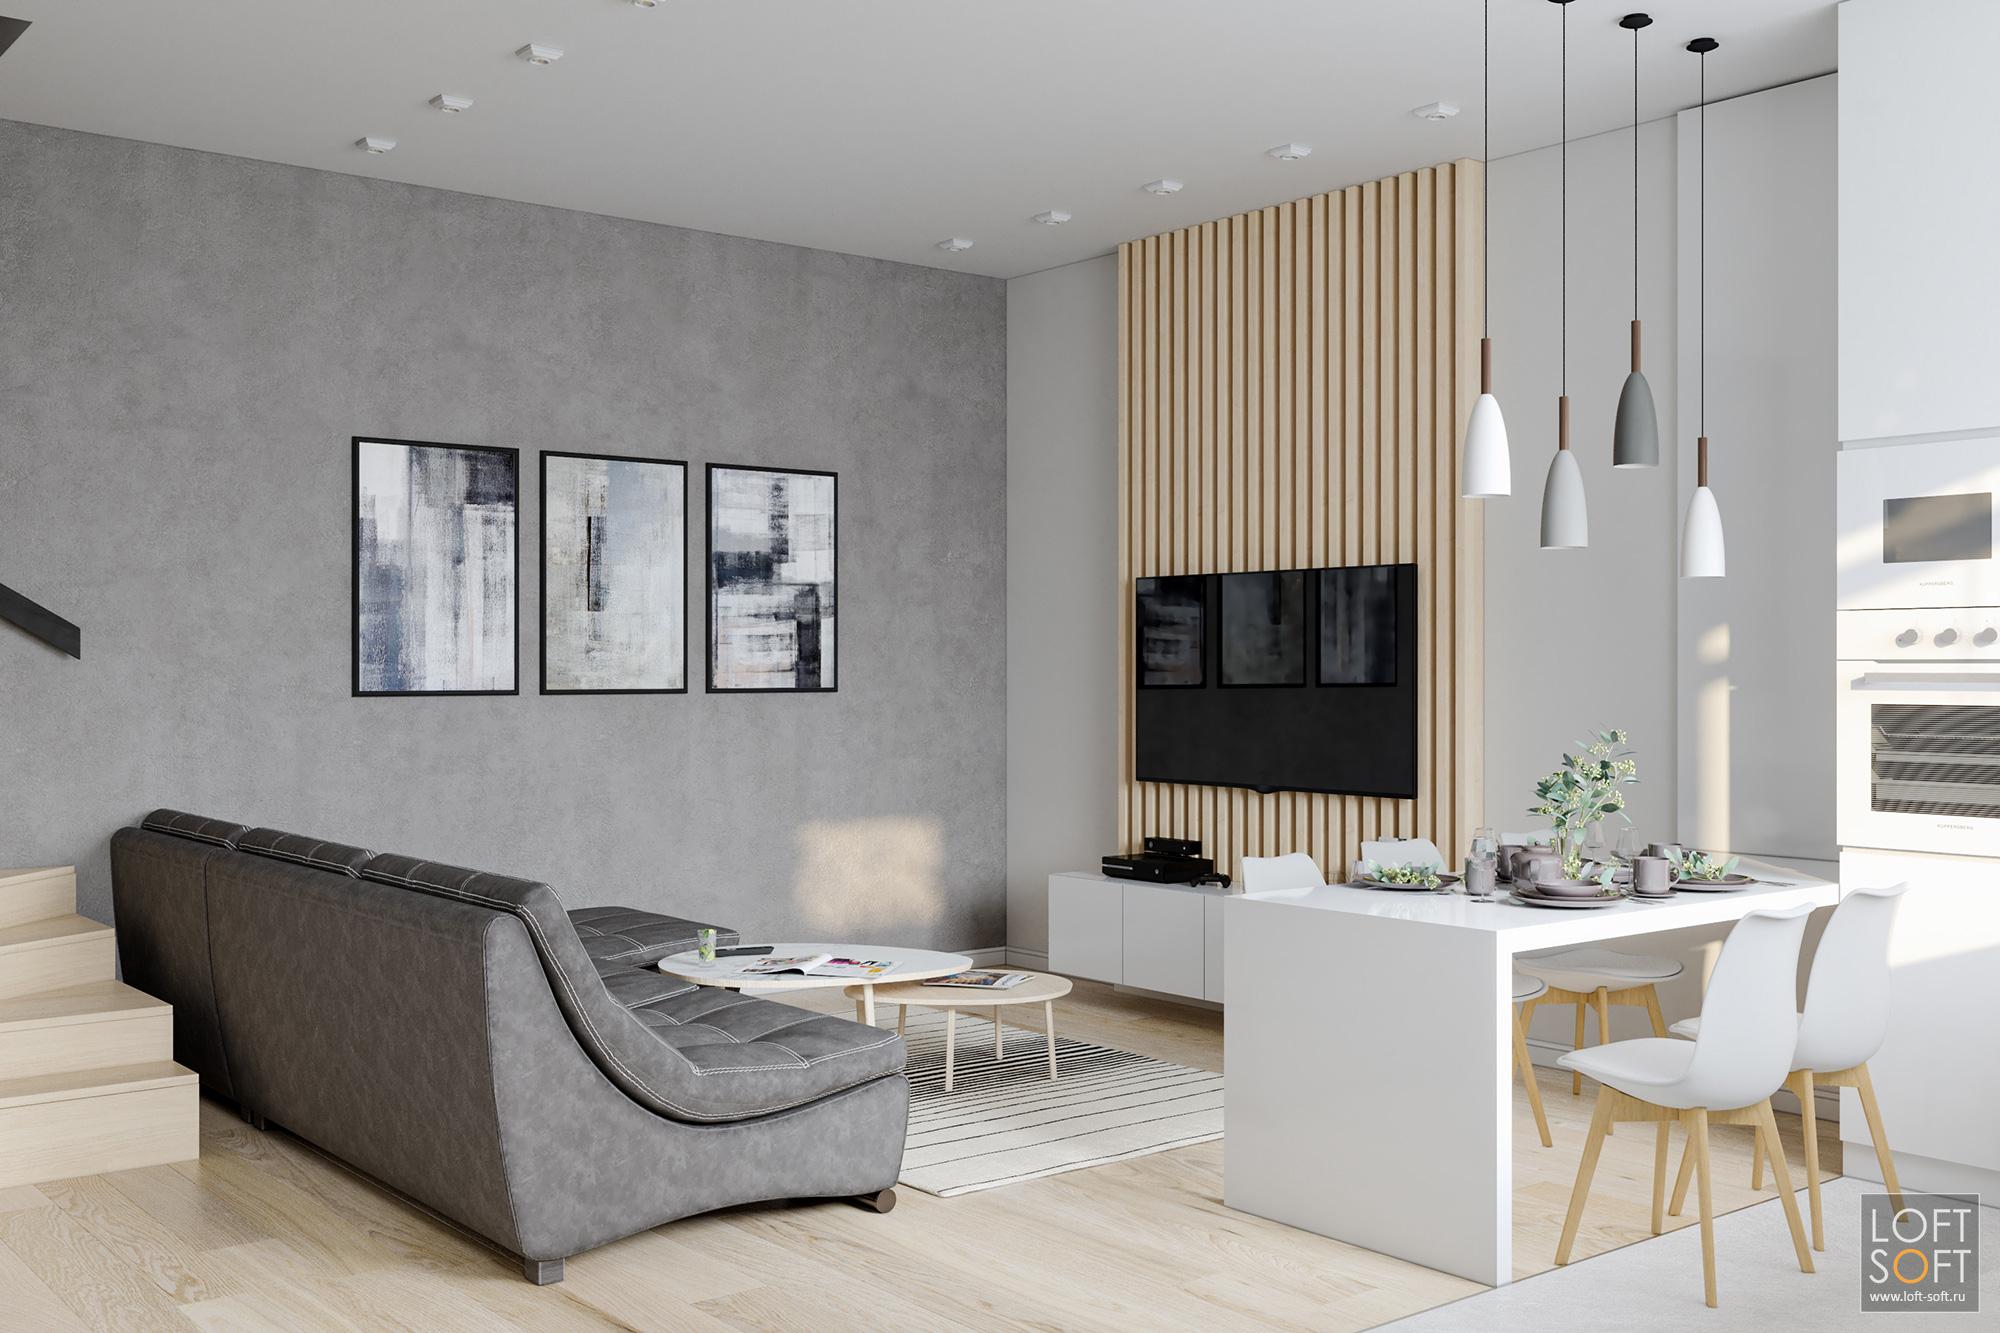 современный минимализм винтерьере, светлая гостиная, телевизор нарейках